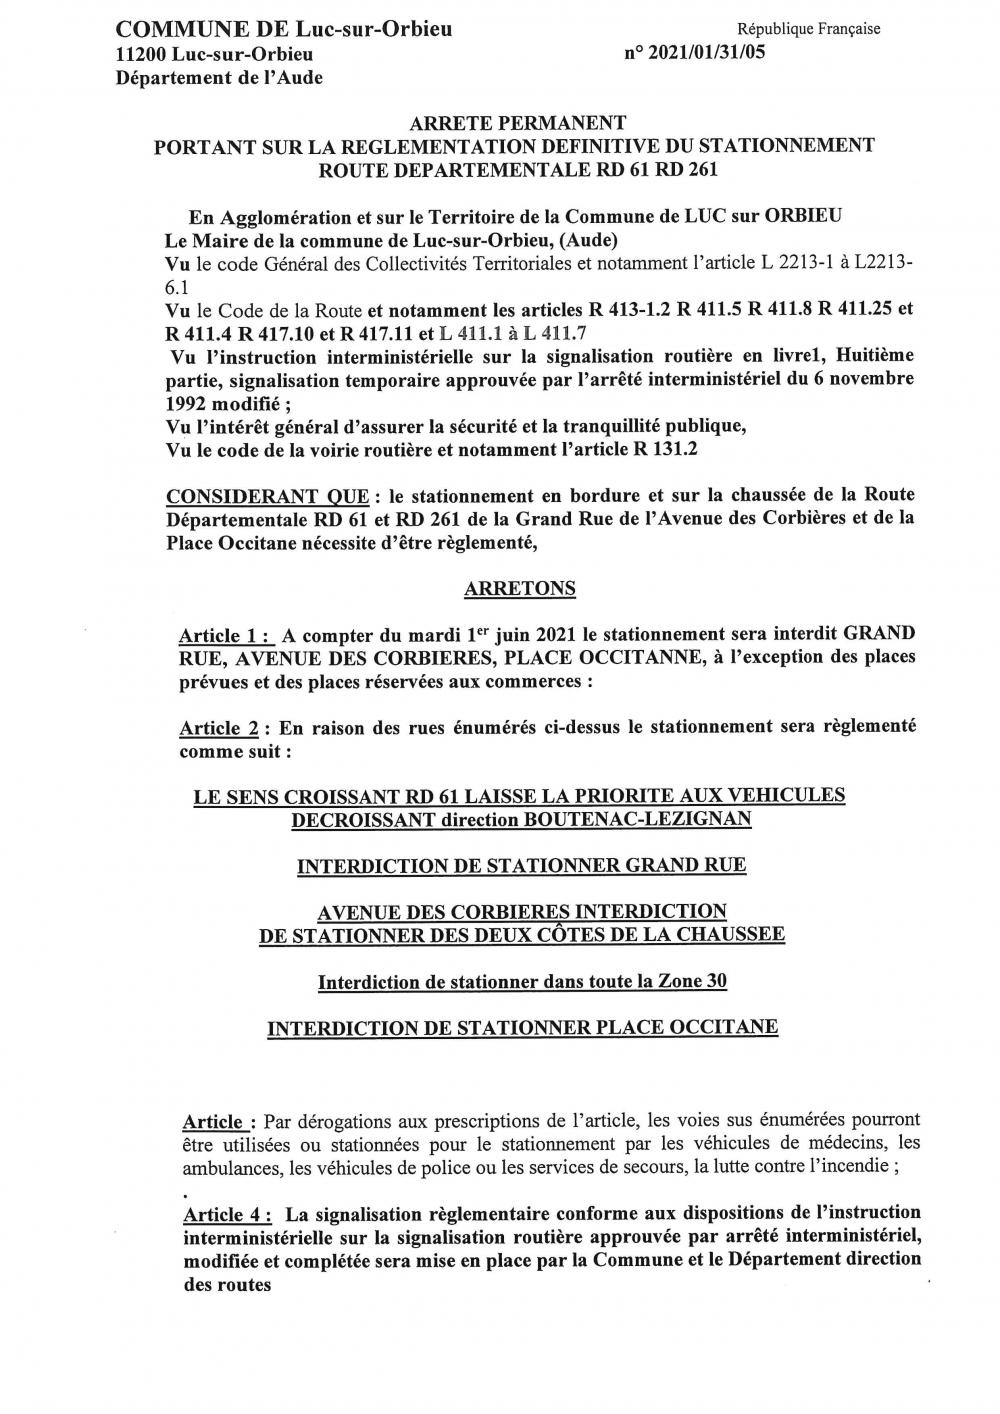 Arrêté PERMANENT portant sur la règlementation définitive du stationnement RD 61 + RD 261